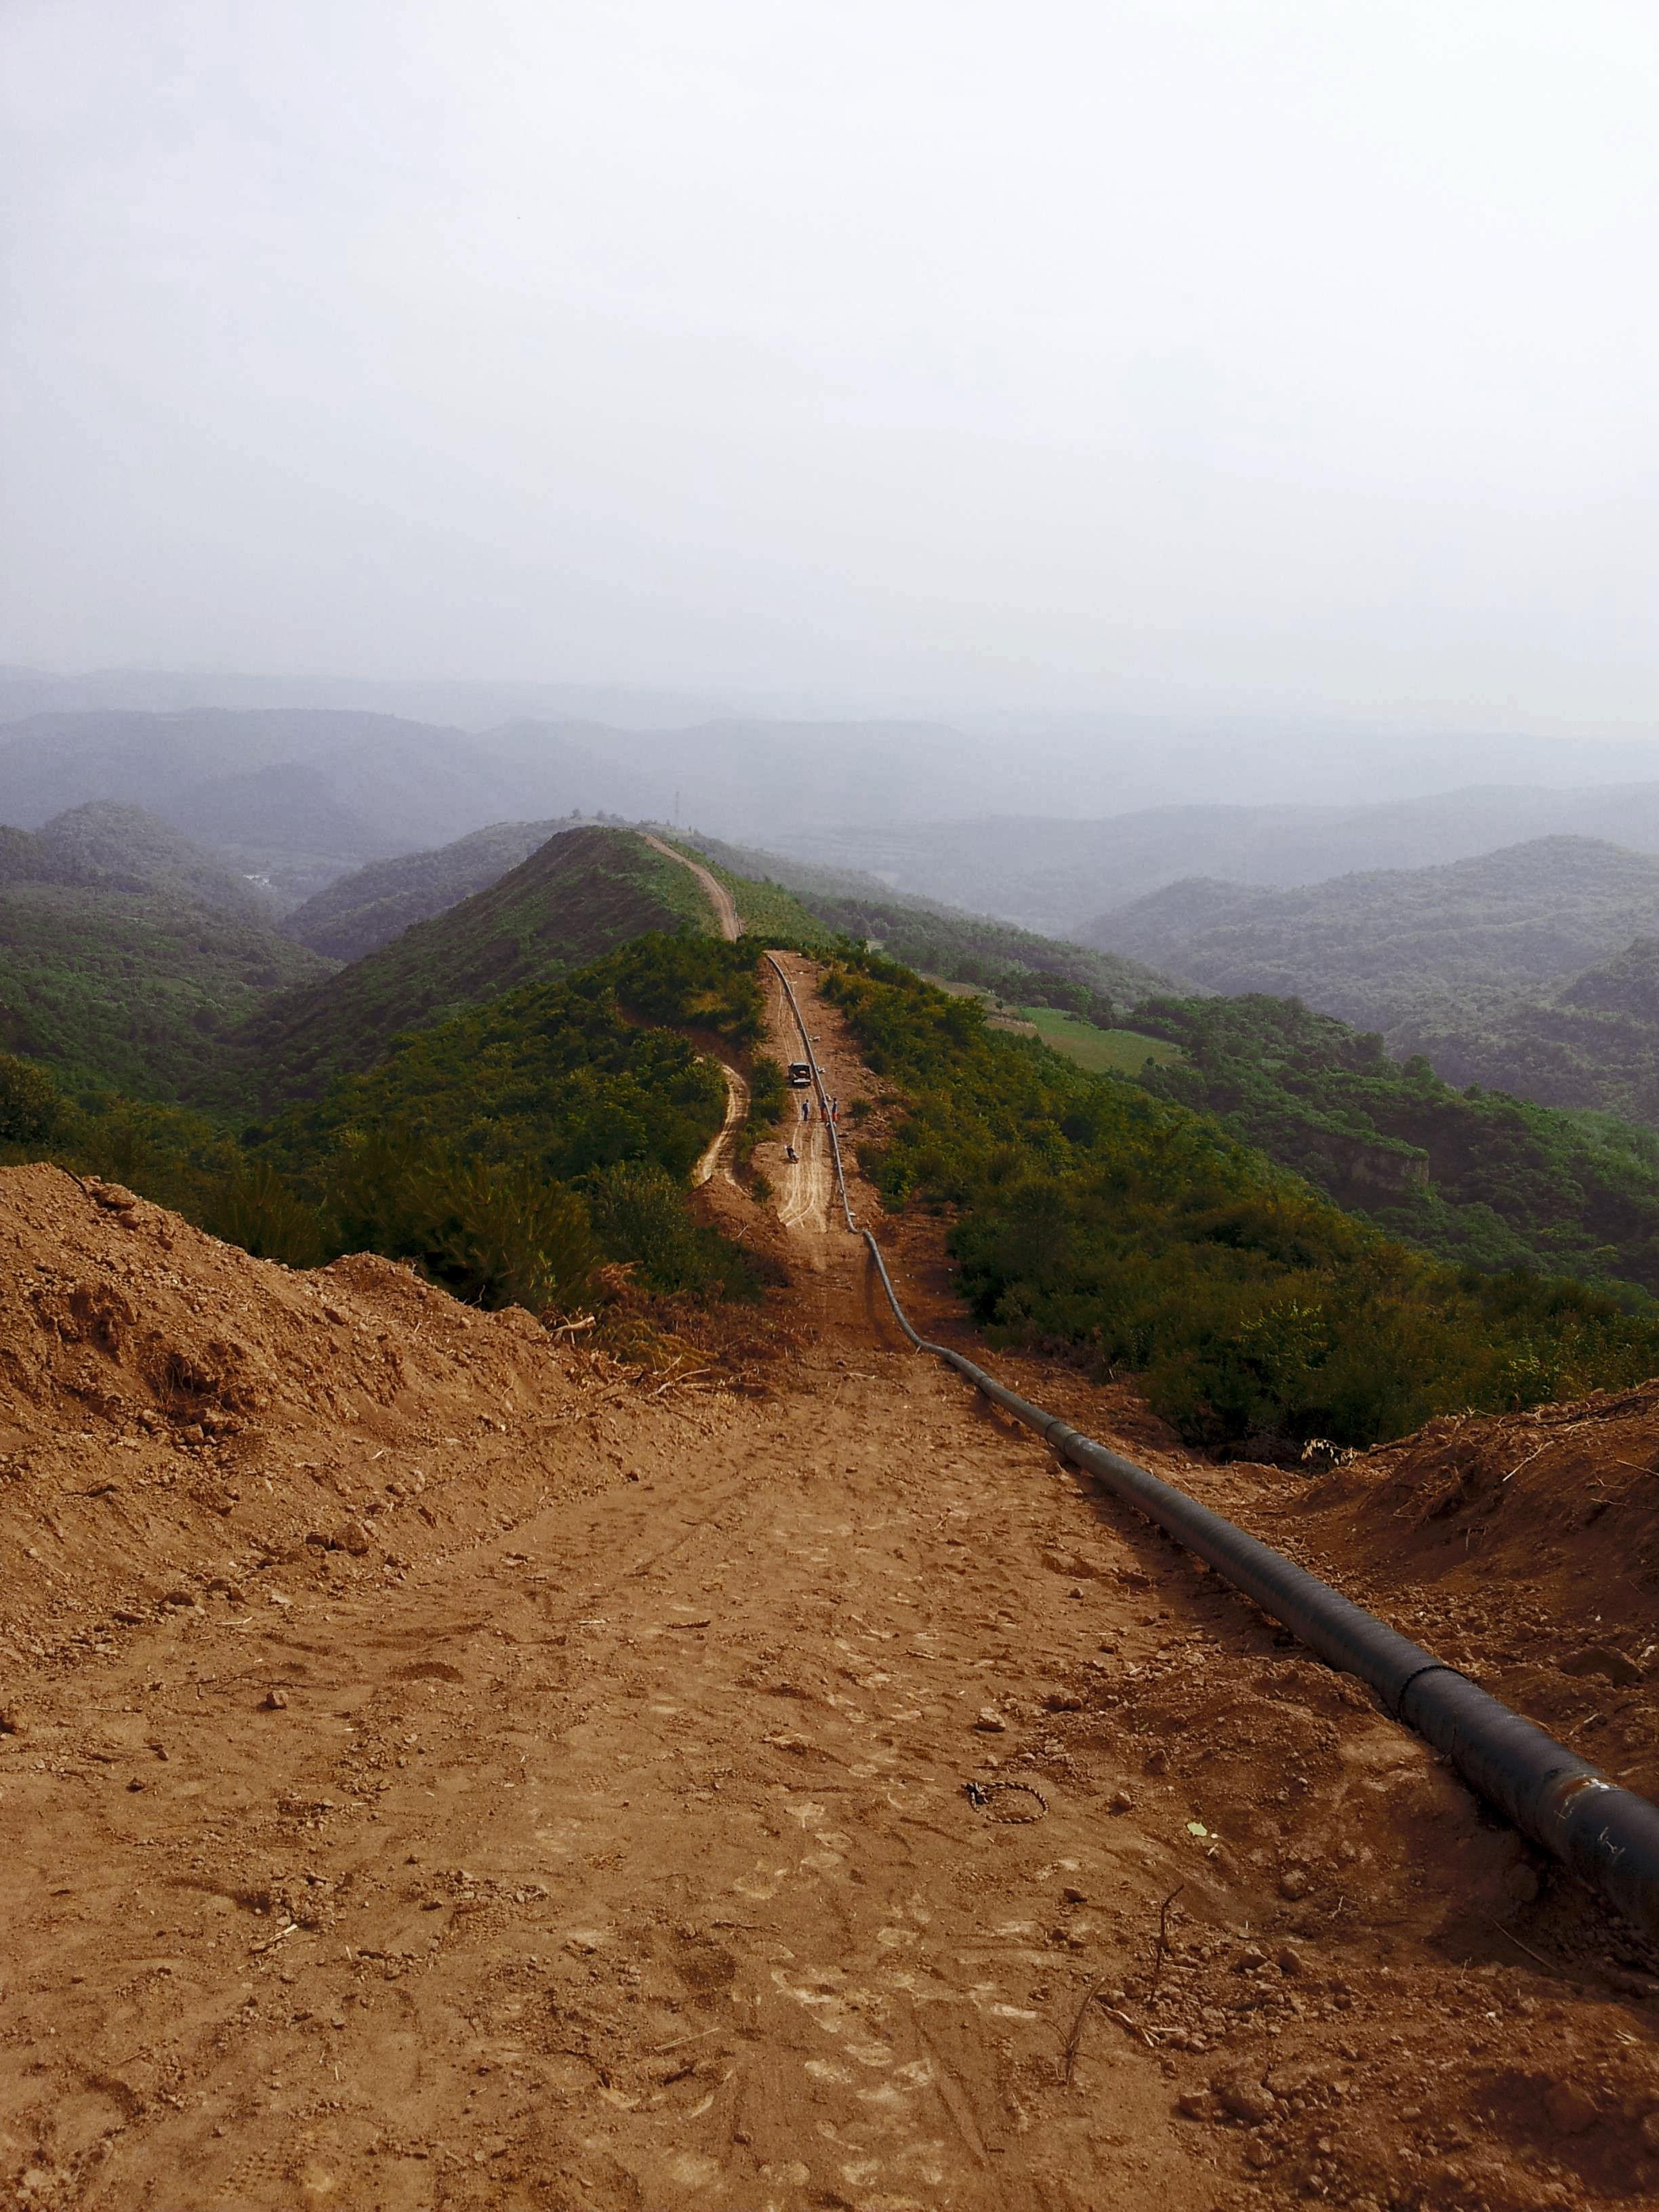 陜西靖西三線黃陵天然氣長輸管道工程